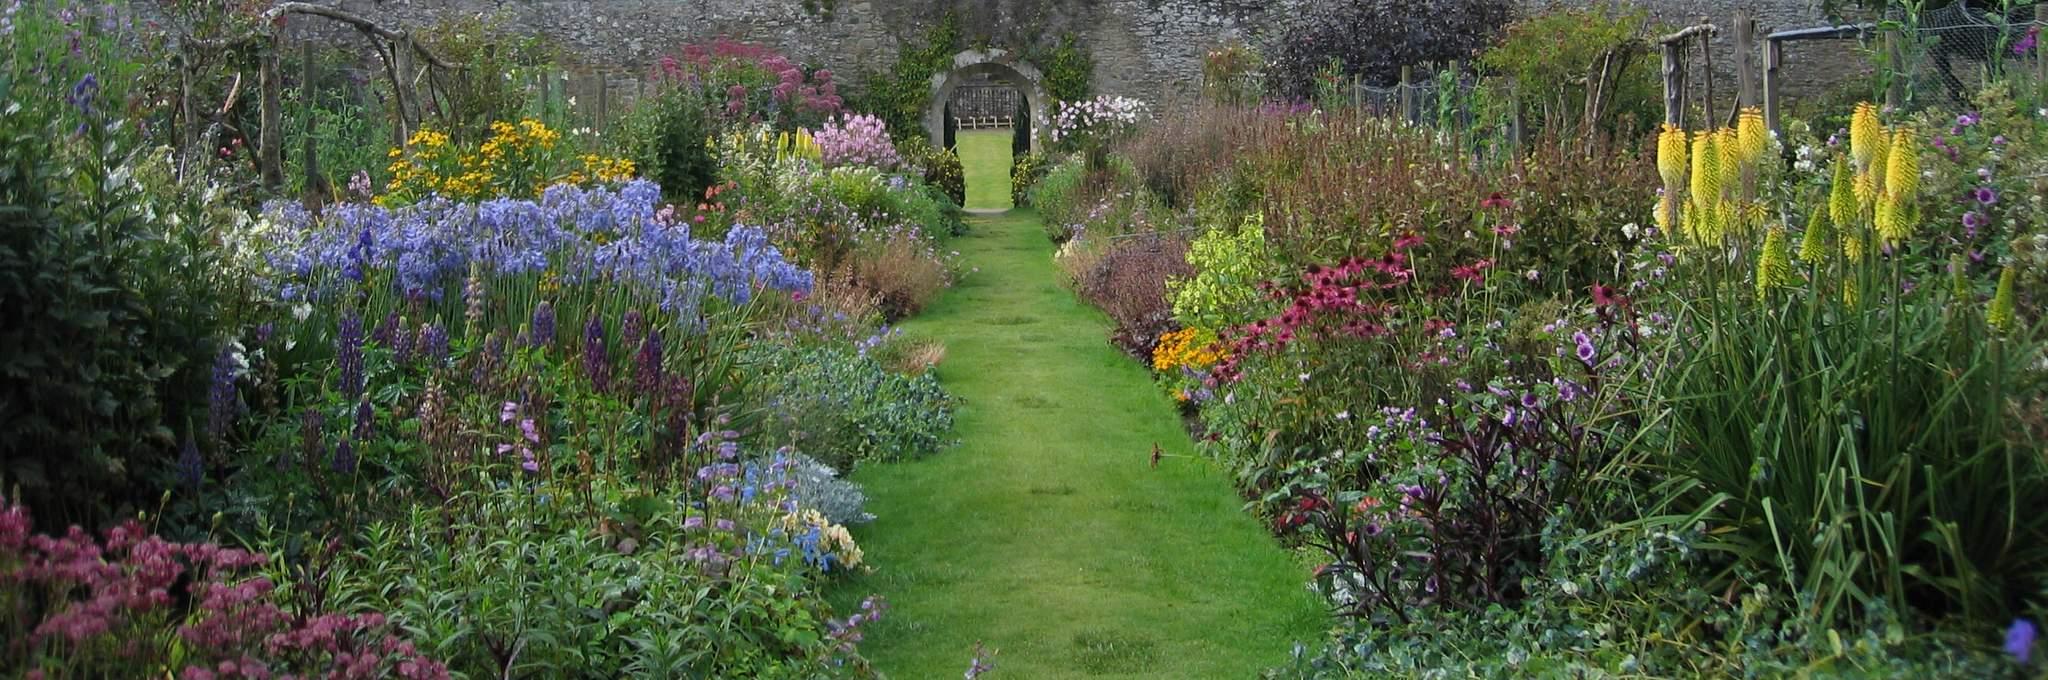 Gardens in Scotland